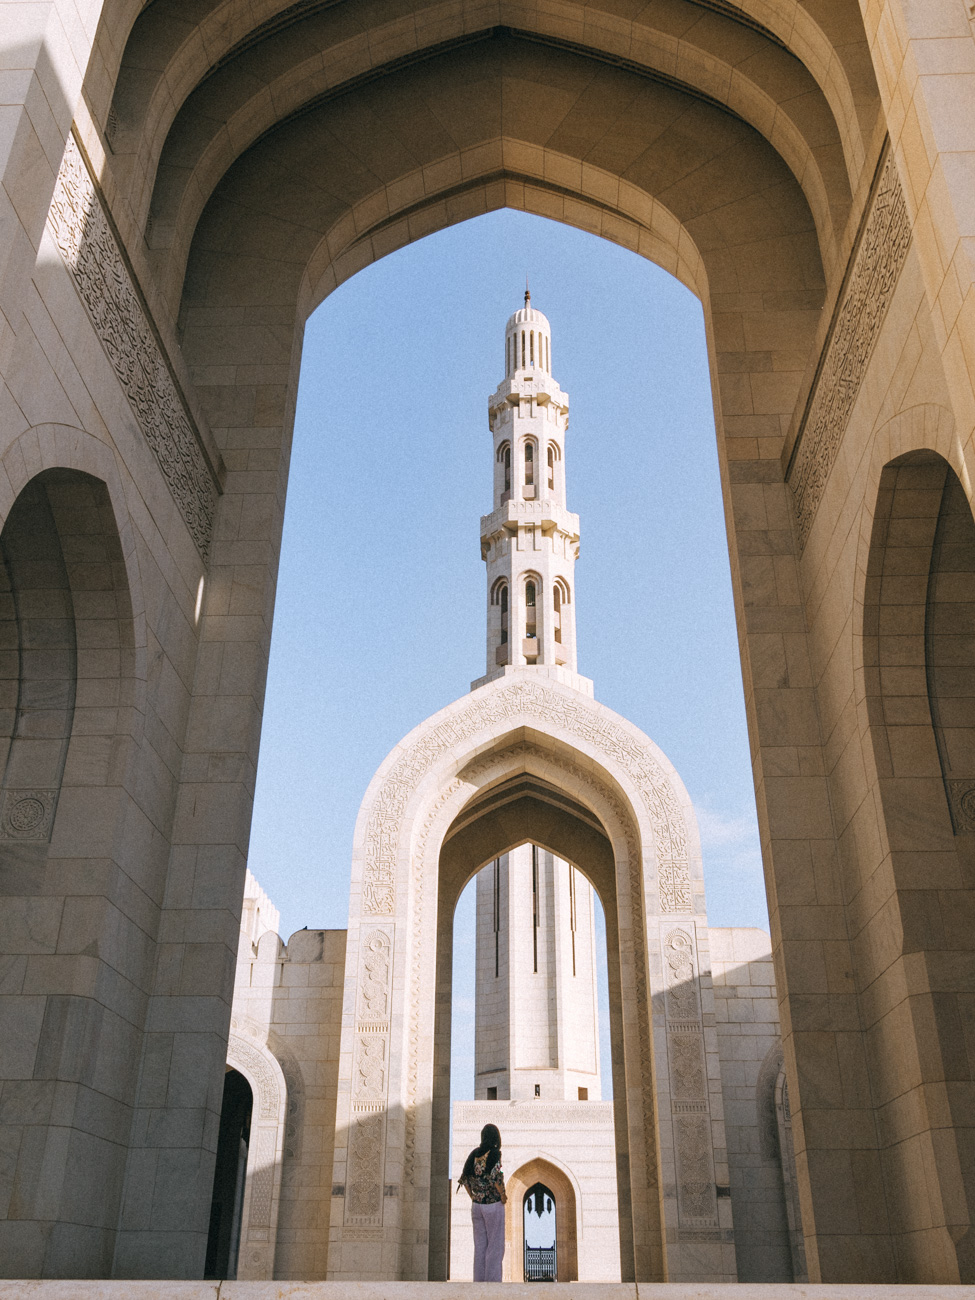 Omans Sultan Qaboos Grand Mosque Oman - Oman Travel Guide